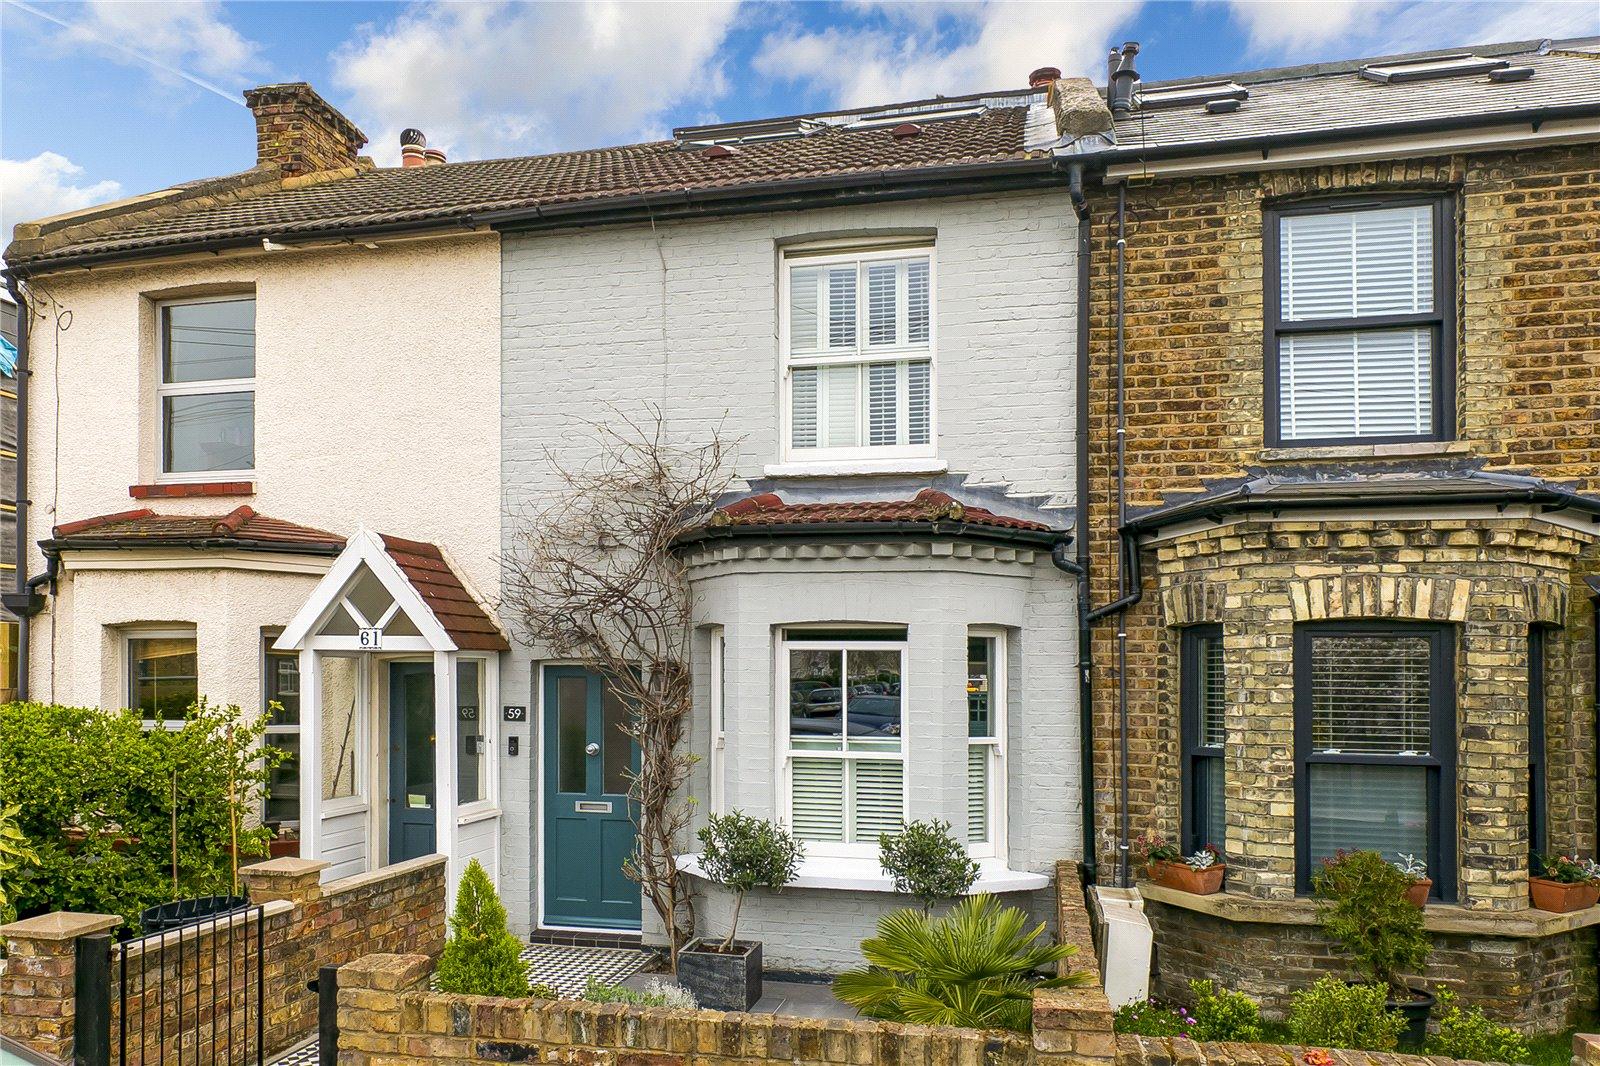 Sandycombe Road, Kew, TW9 2EP - Antony Roberts